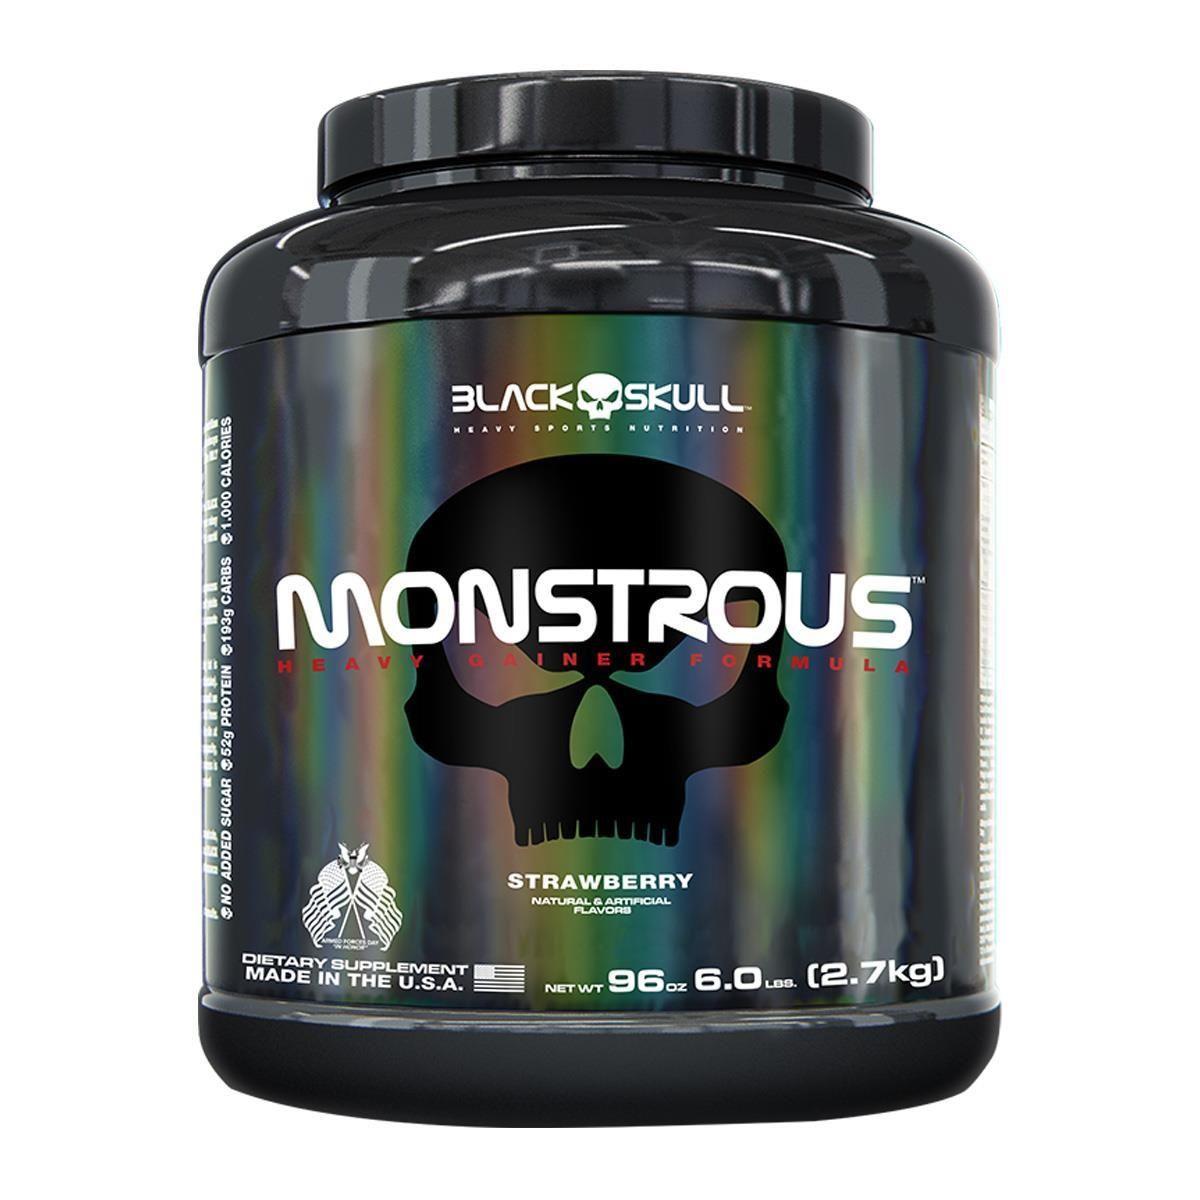 Monstrous Gainer 2,7Kg - Black Skull